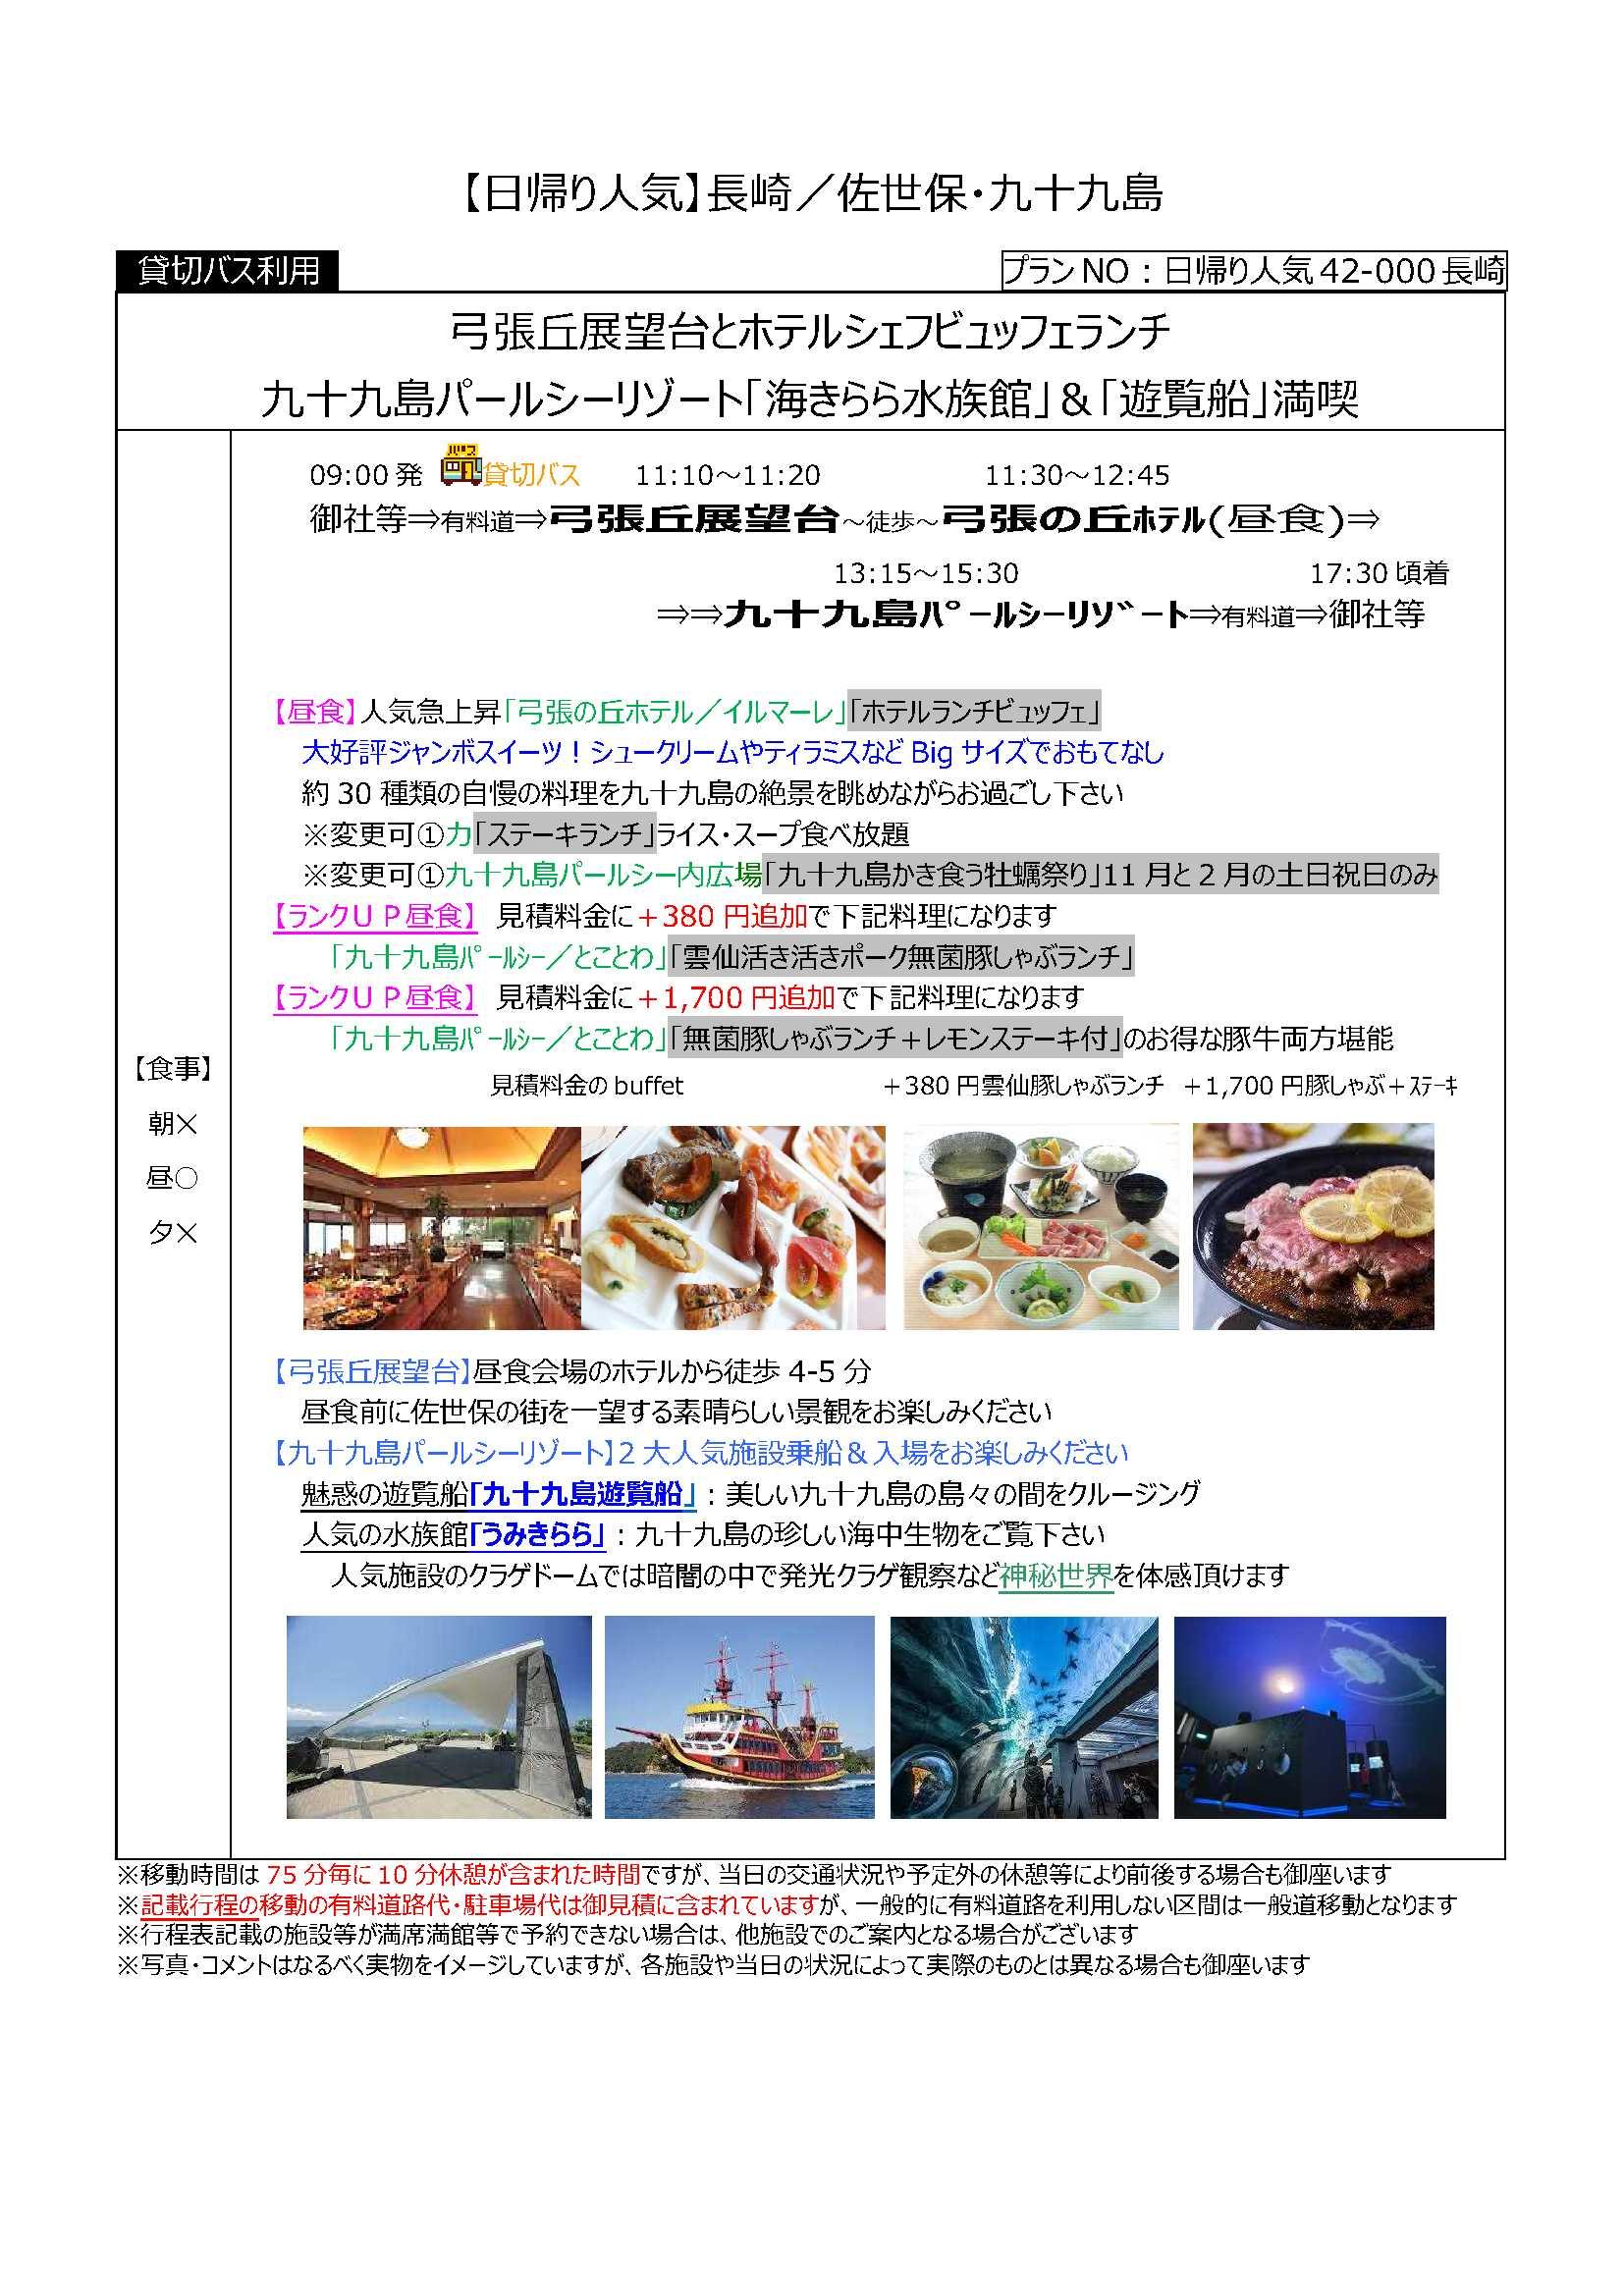 【日帰人気】42-000長崎(佐世保九十九島)